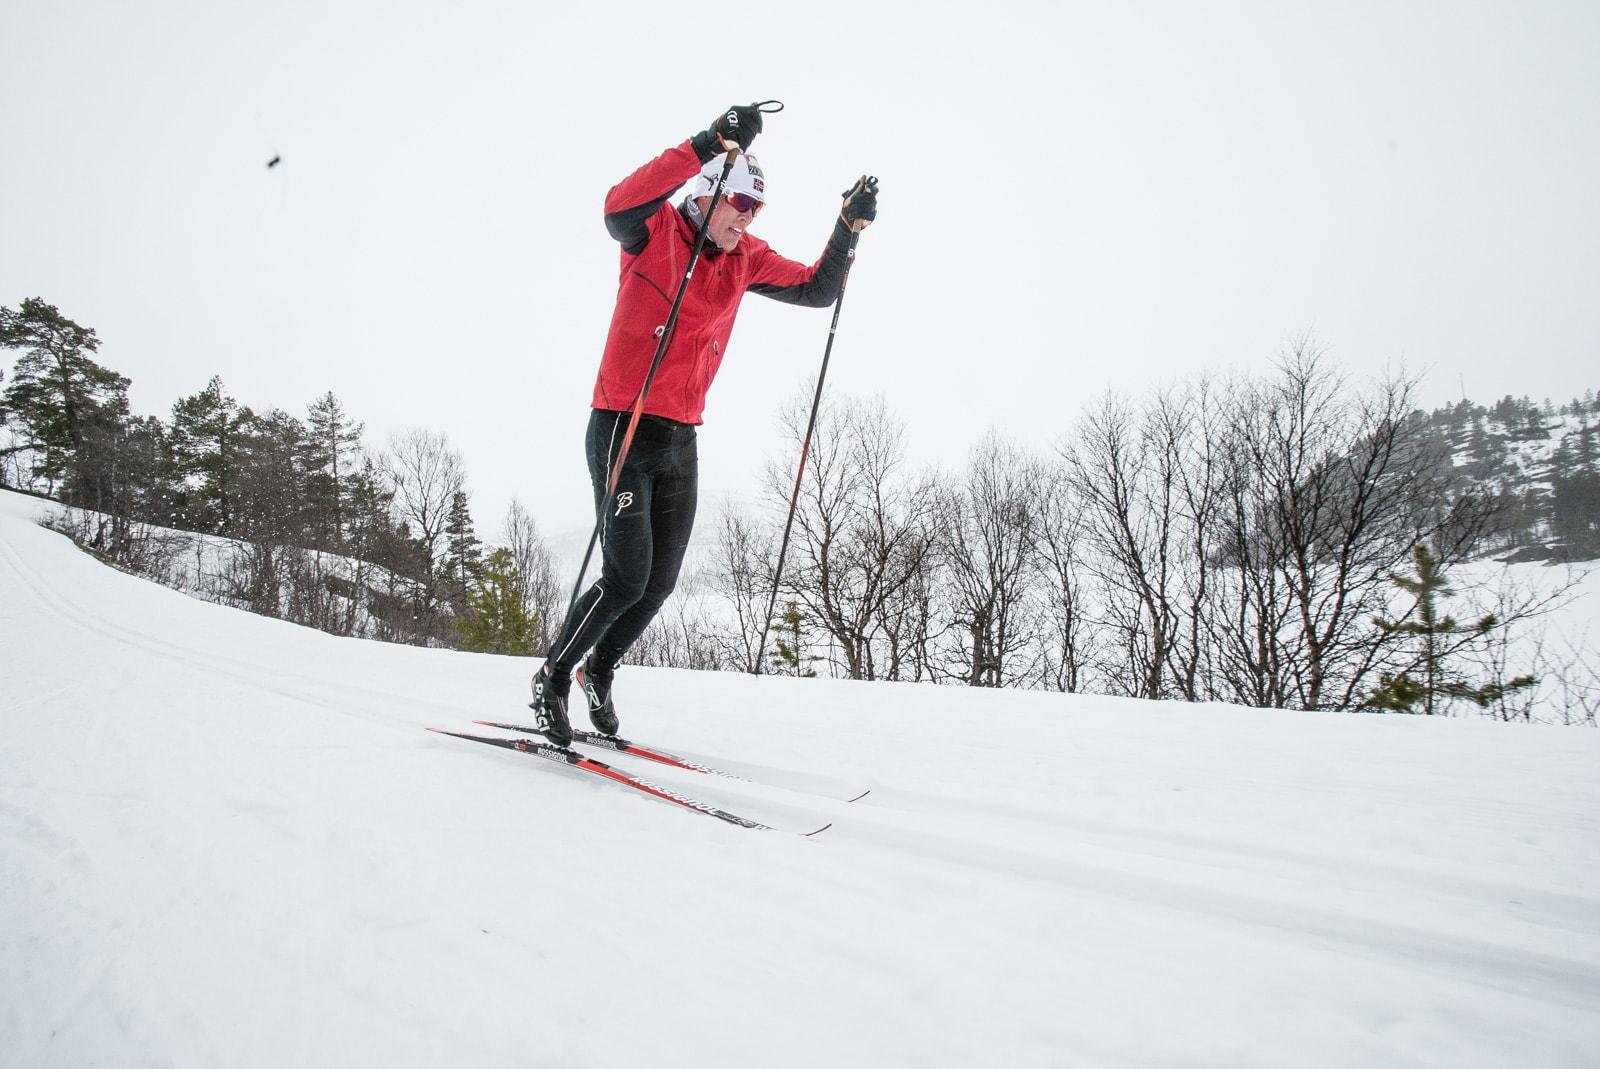 SKUMMELT: En skikkelig stake-spurt krever at du kommer deg godt opp på tærne og frem over skiene. Det kan virke skummelt for mange. Bilde: Christian Nerdrum